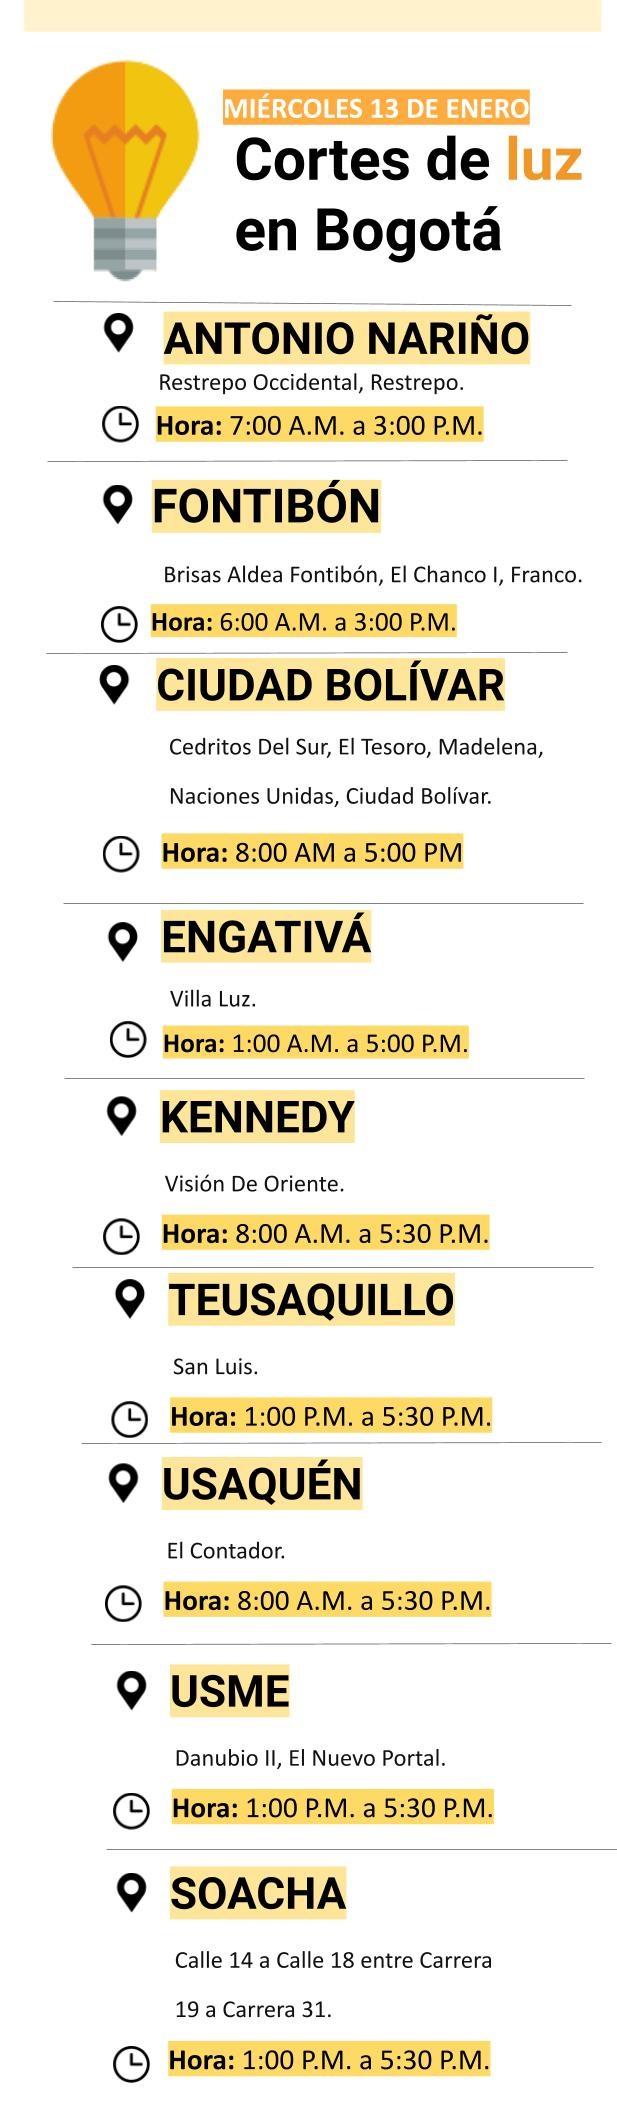 Cortes de luz en Bogotá para el miércoles 13 de agosto